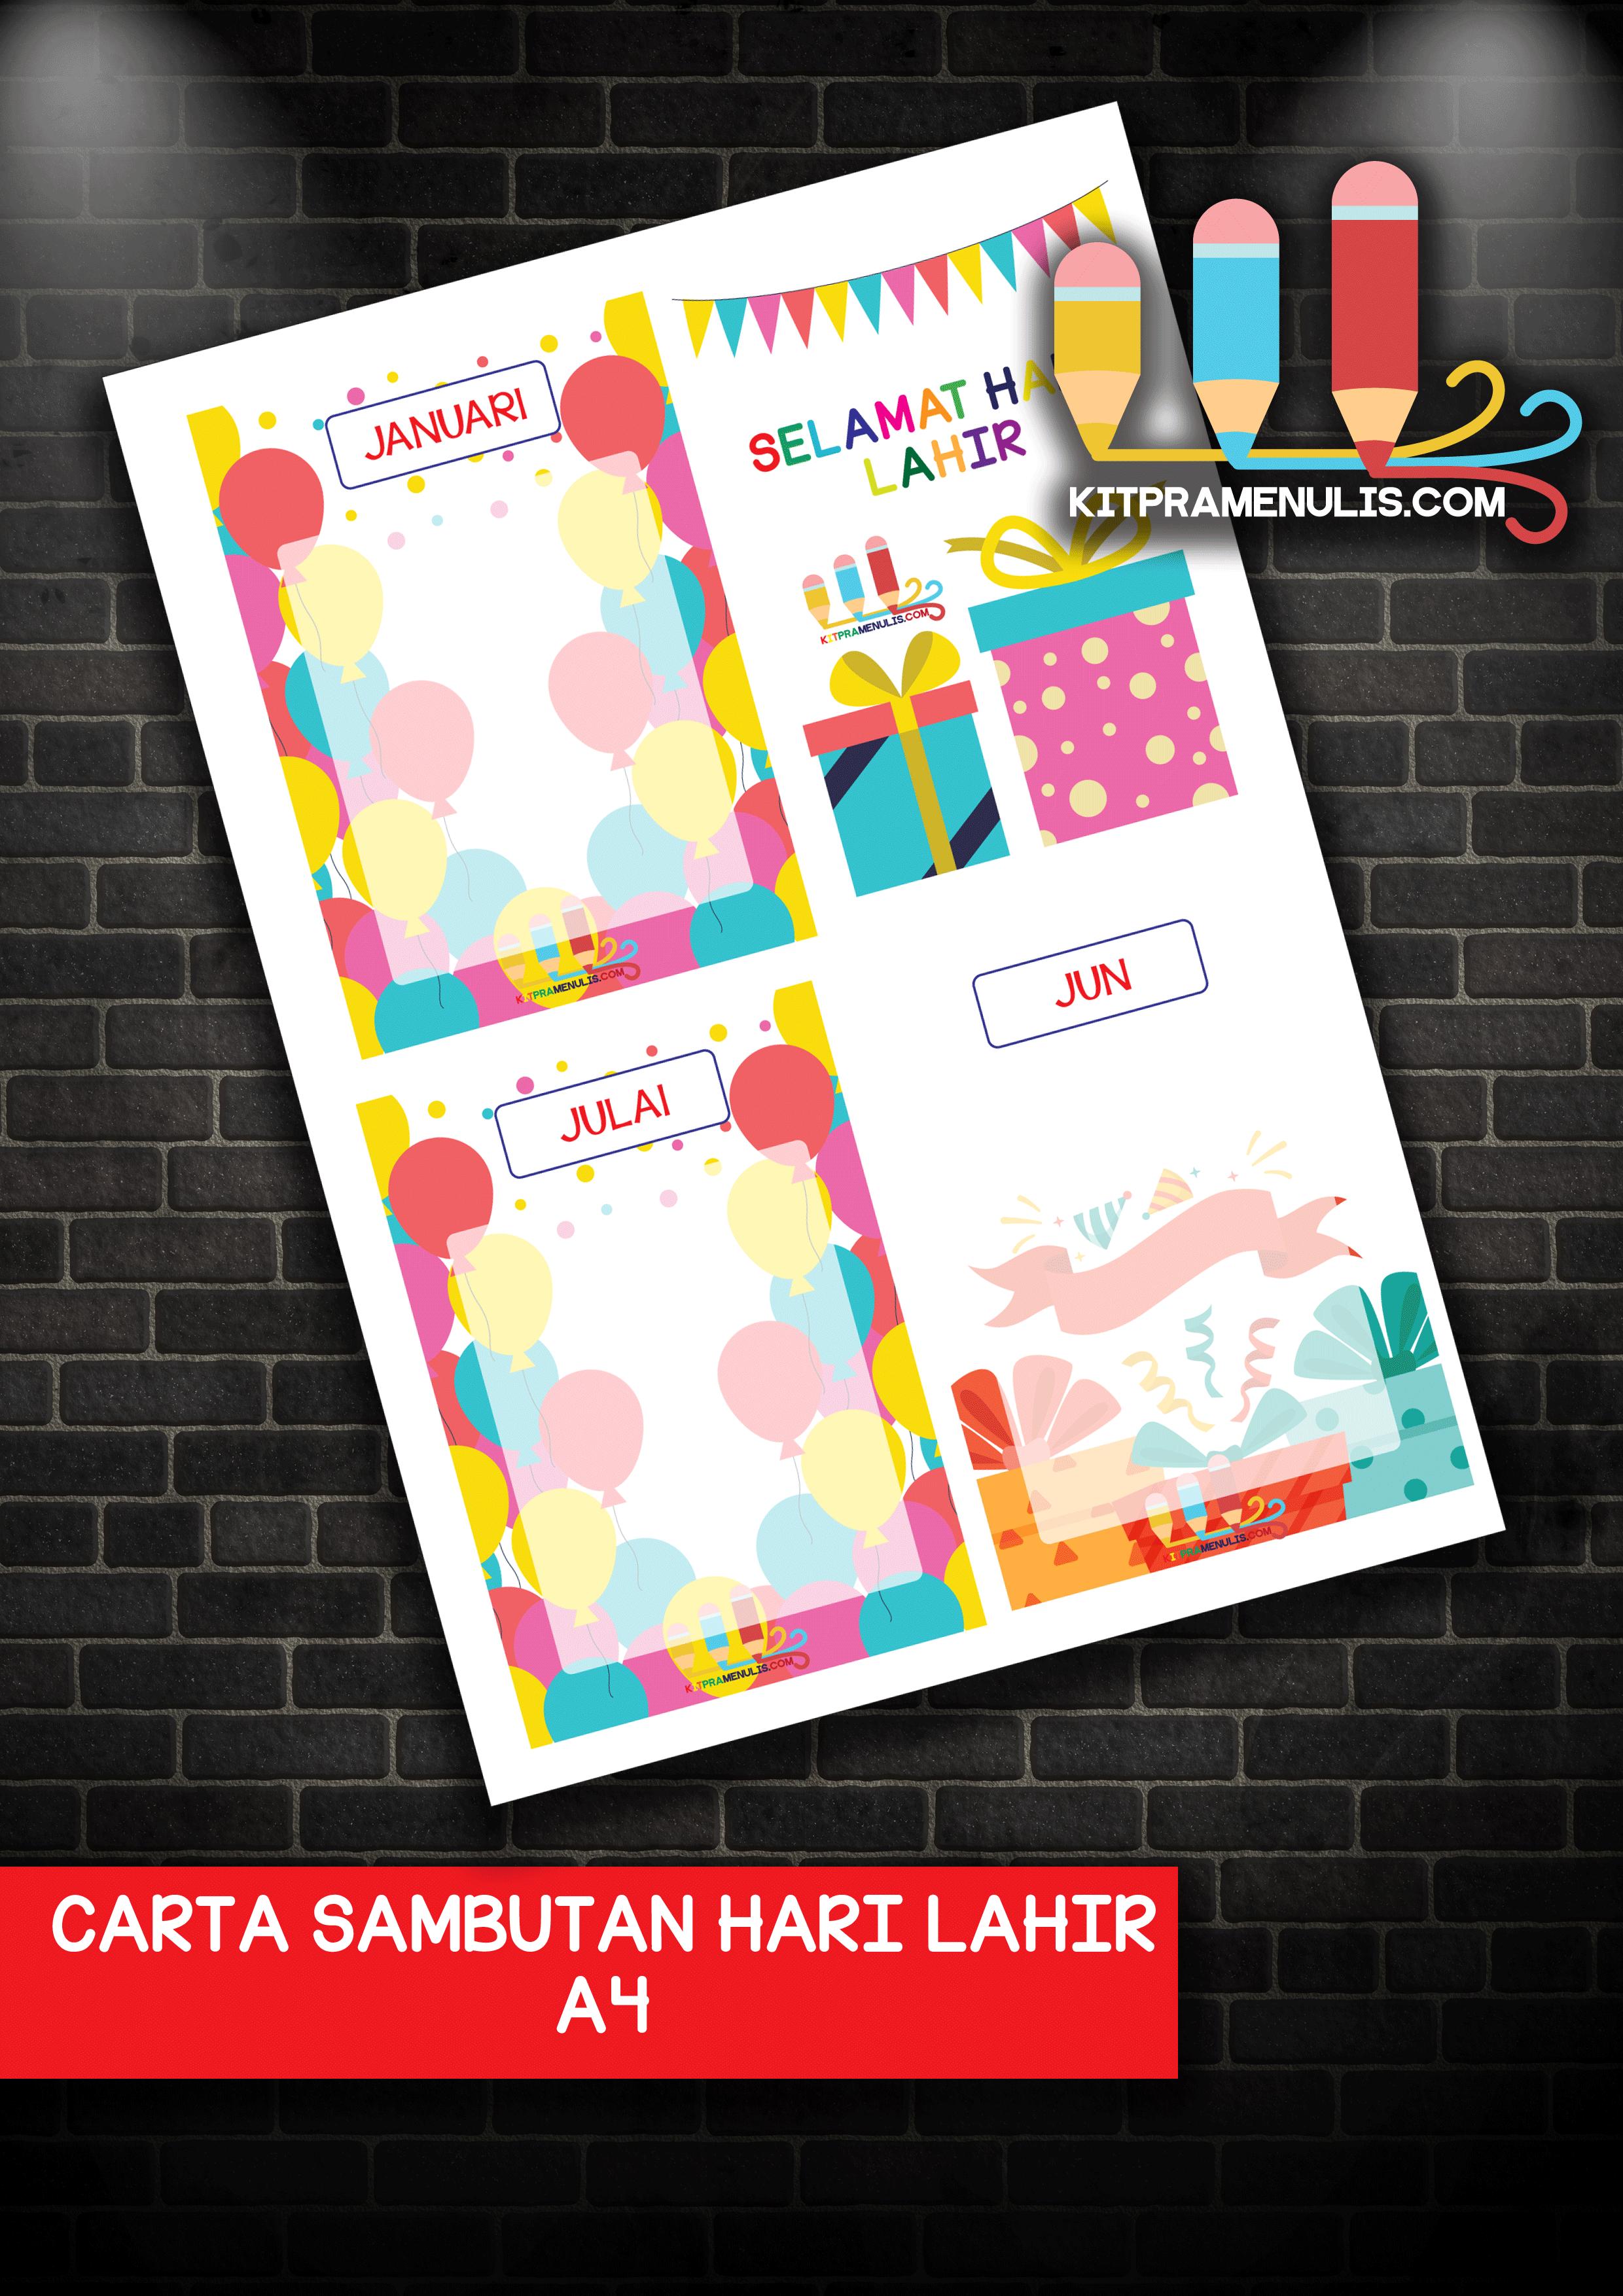 CARTA-SAMBUTAN-HARI-LAHIR-A4 Carta Sambutan Hari Lahir A4